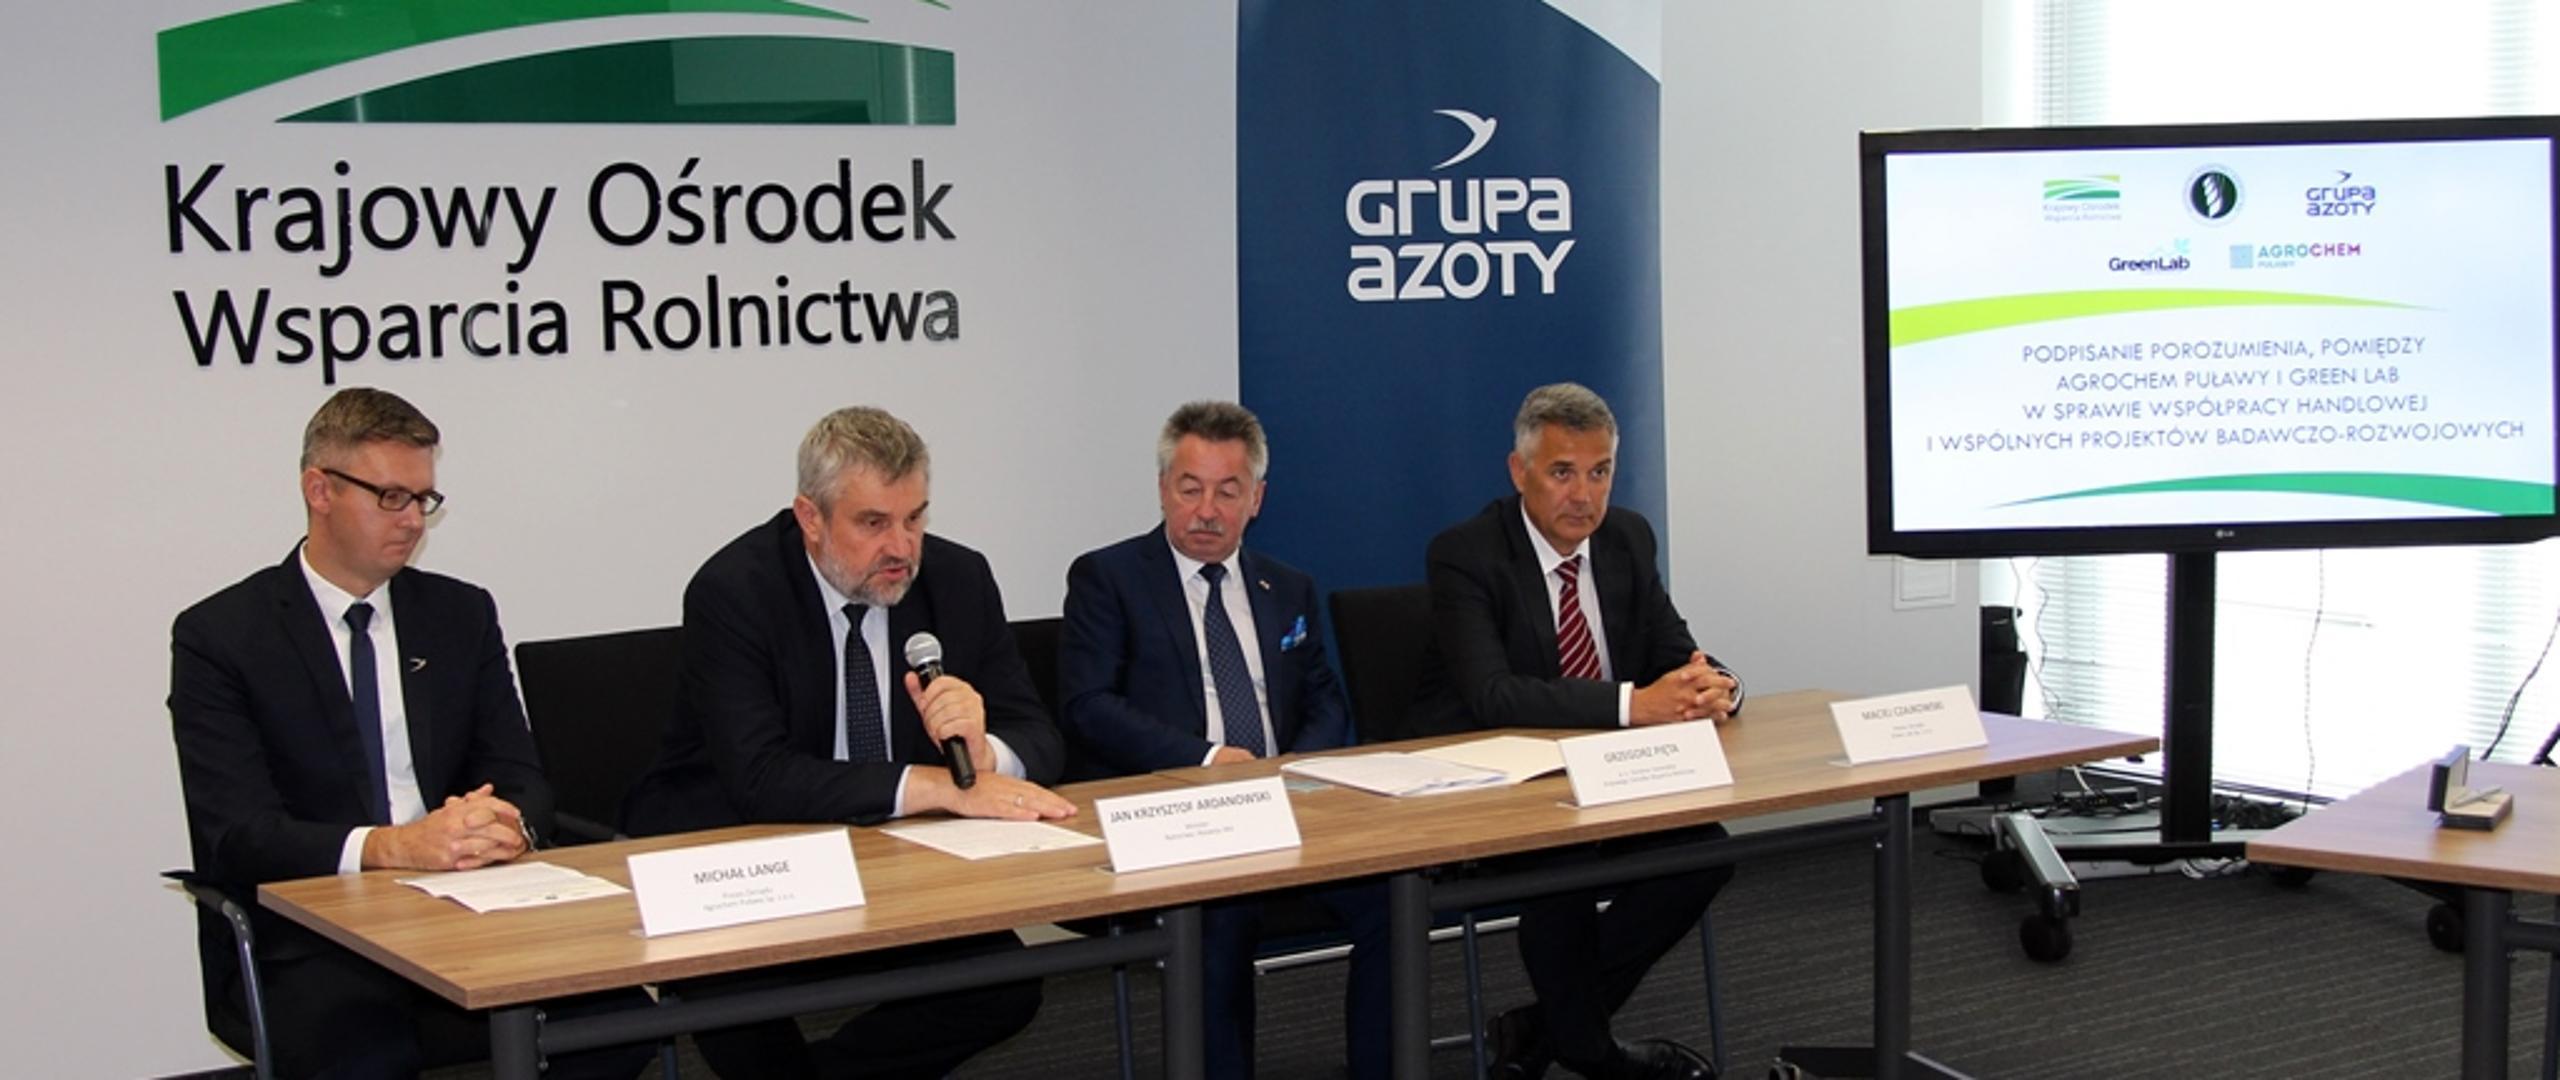 Porozumienie Agrochem Puławy i Green Lab